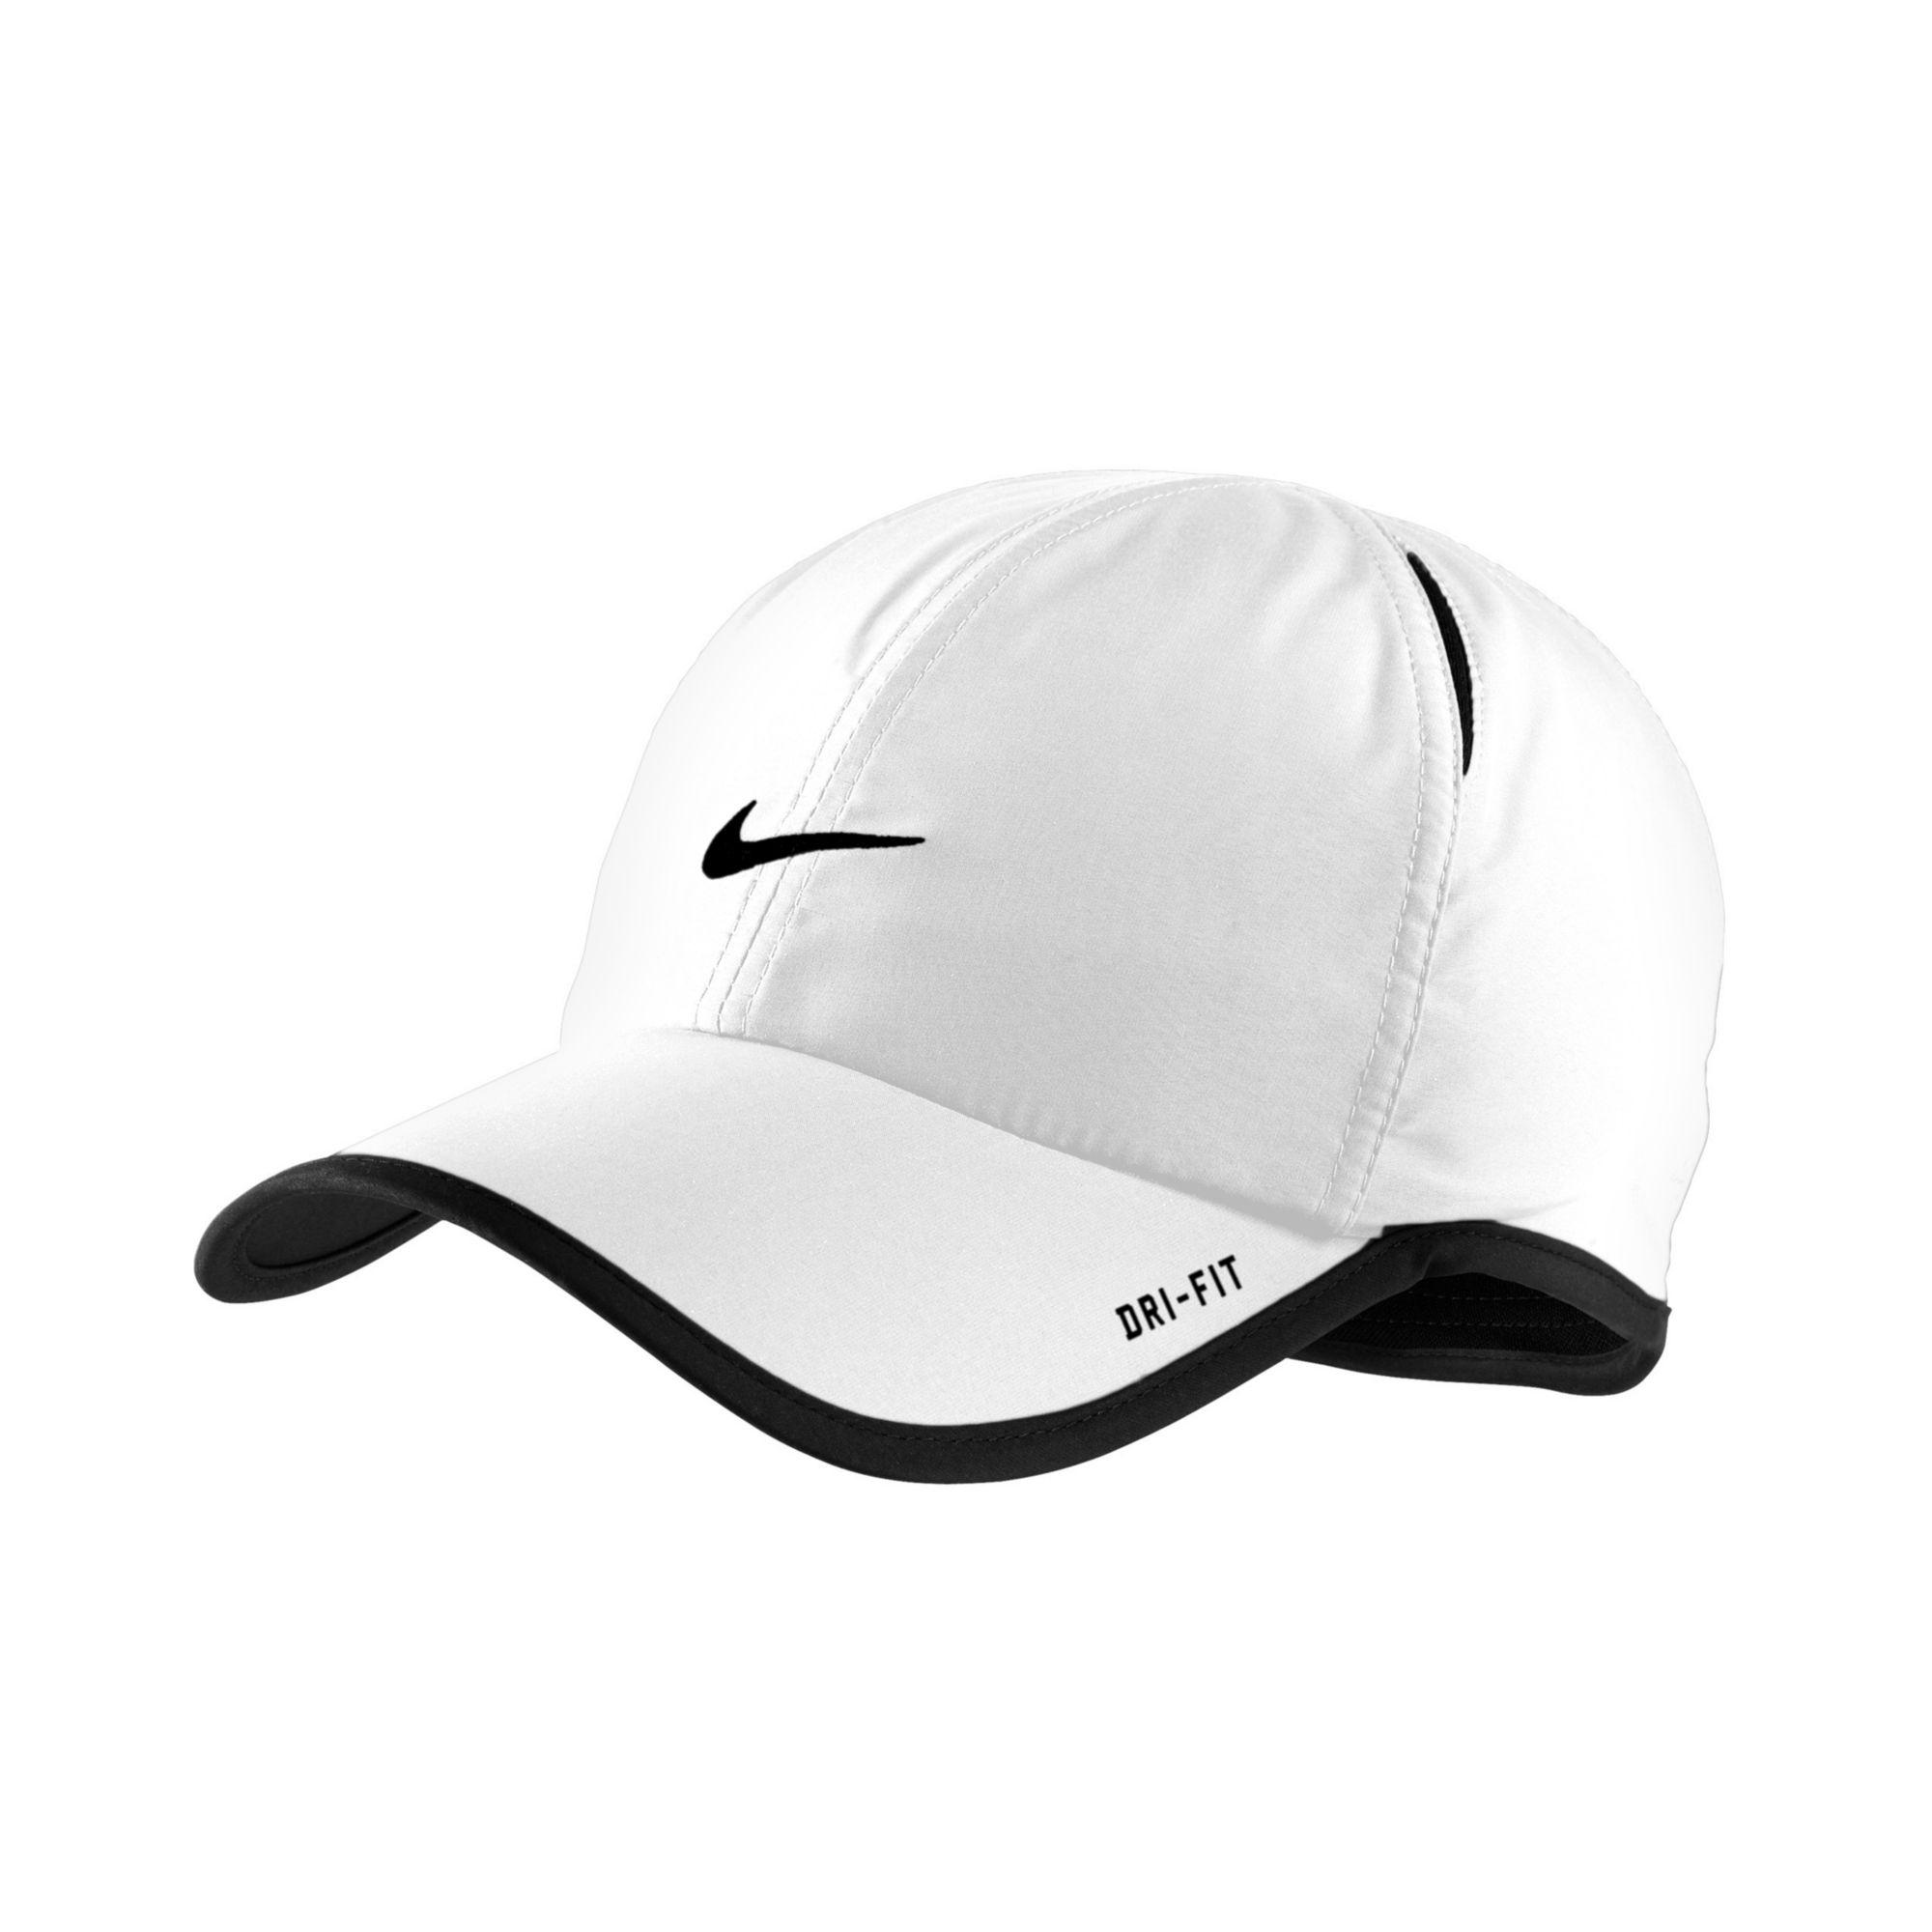 Lyst - Nike Dri Fit Feather Light Cap in Black for Men 56d3c72da54